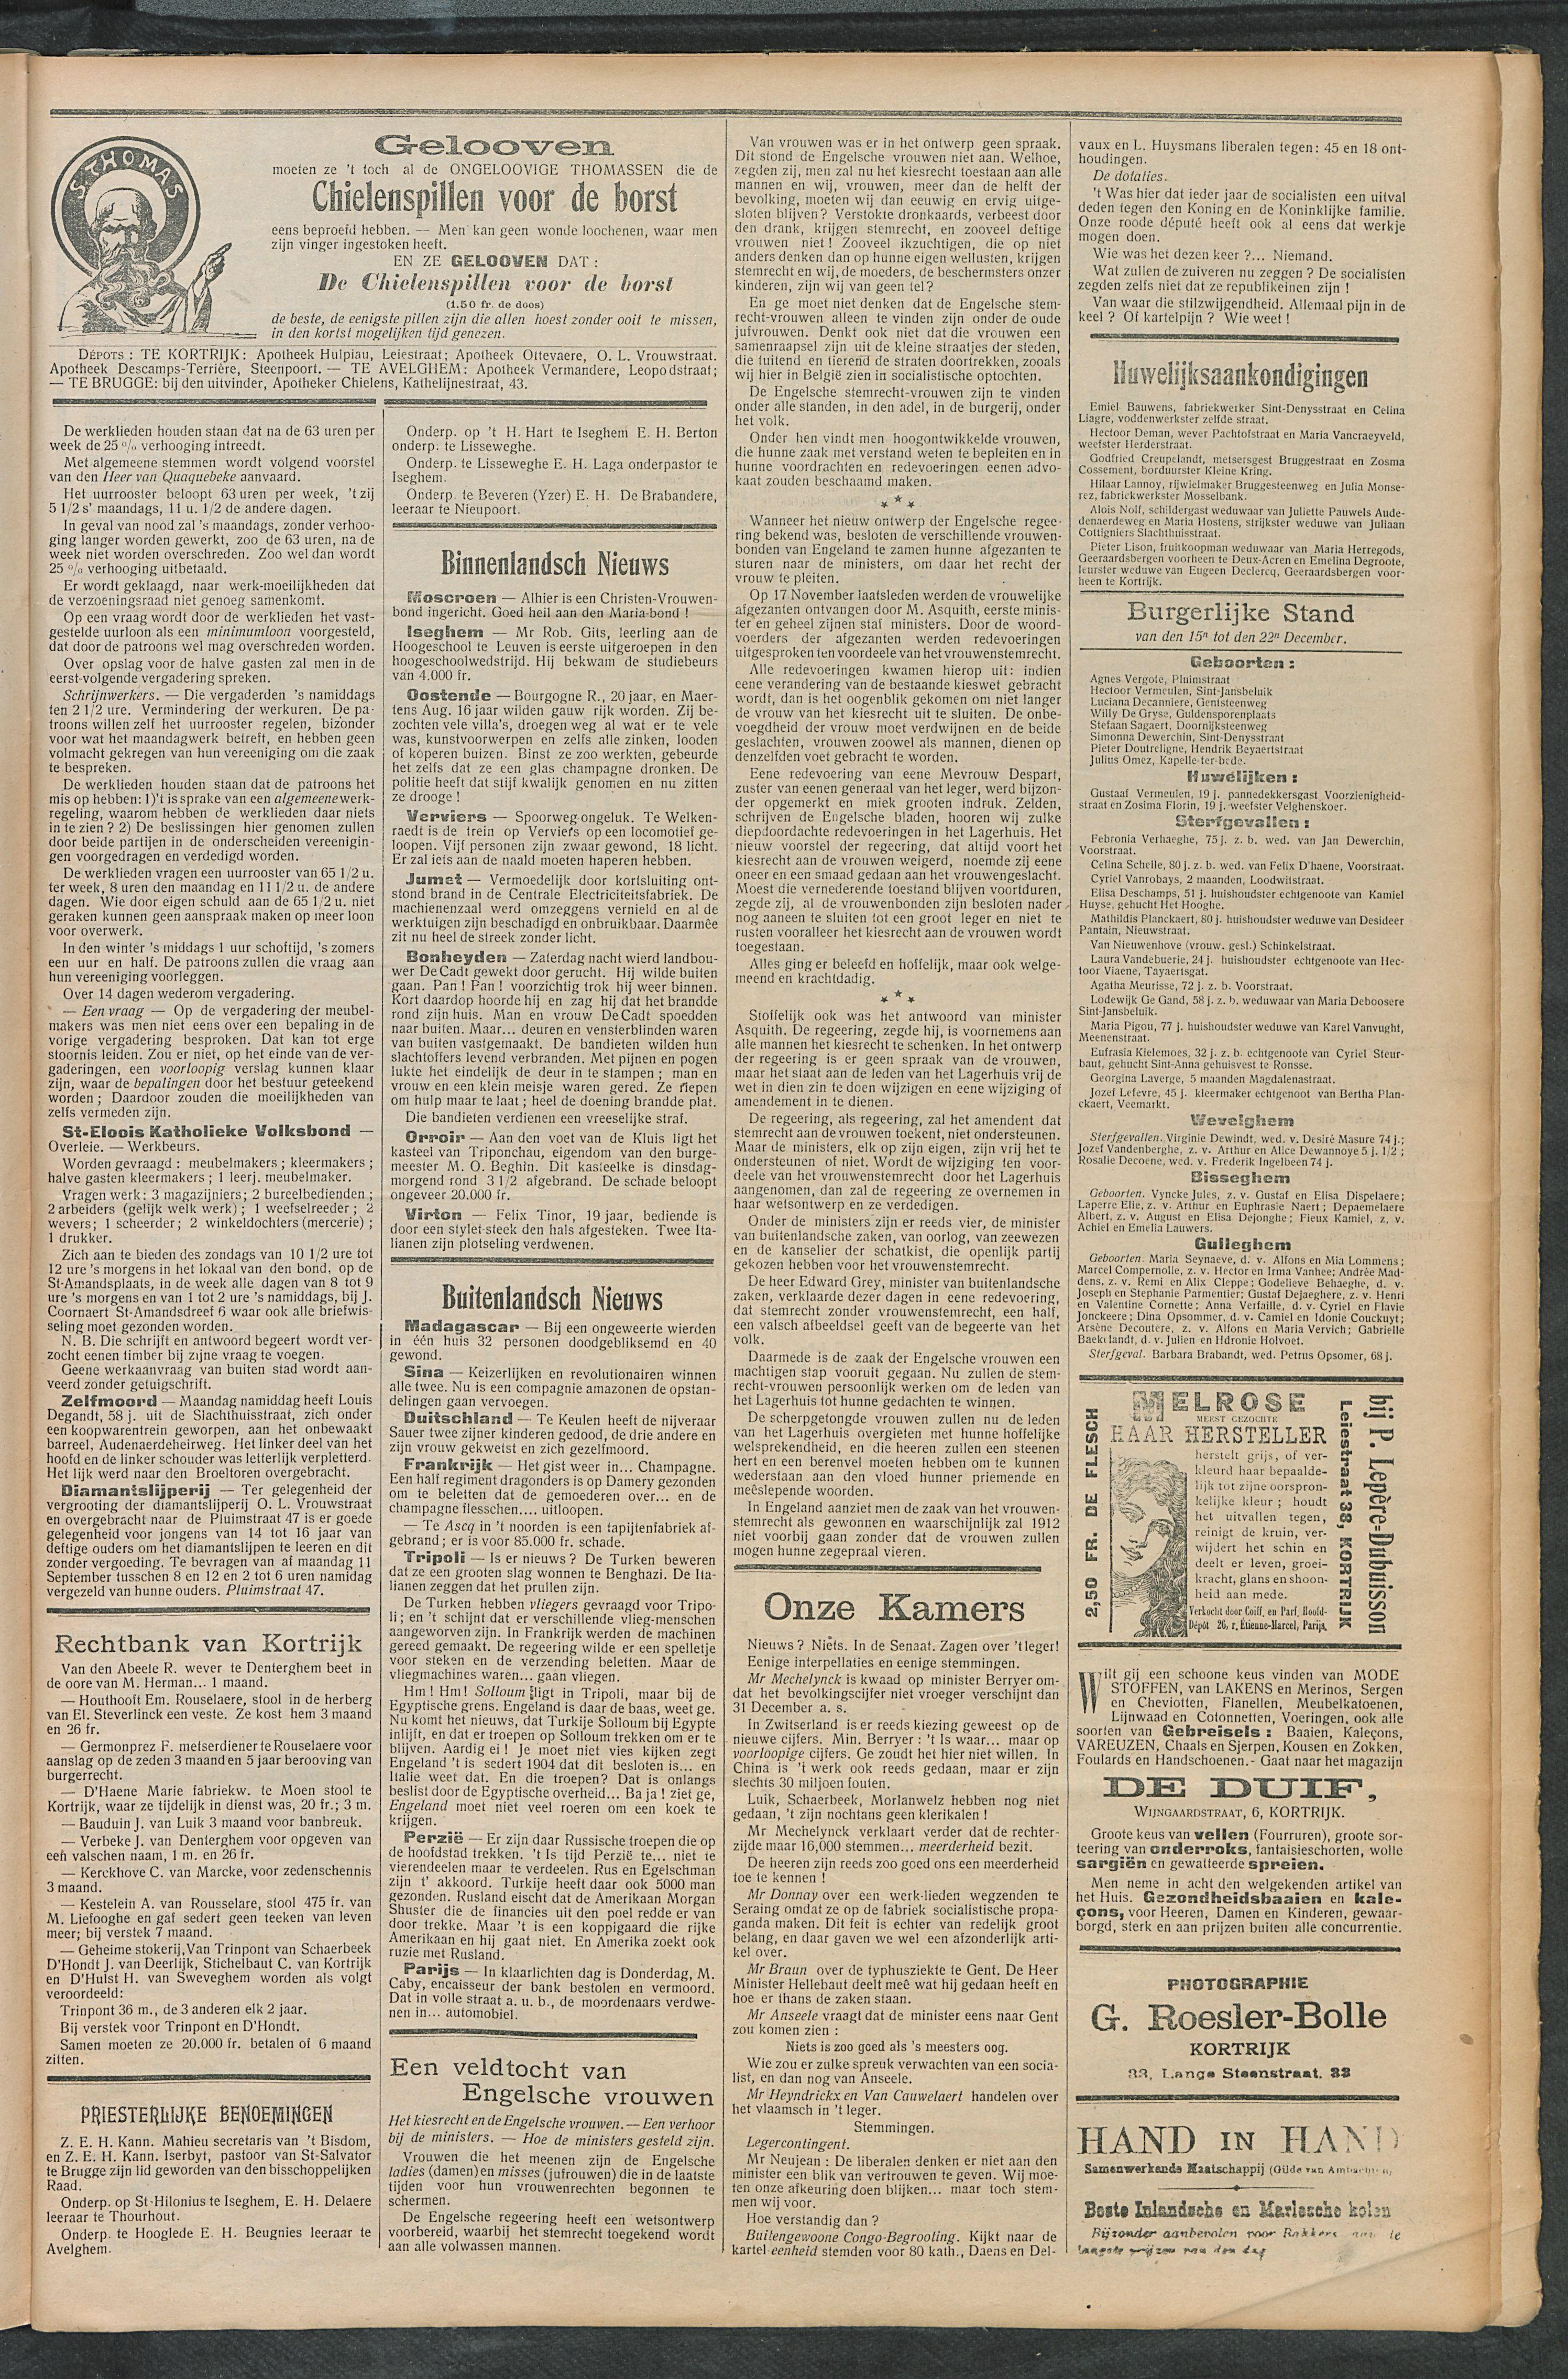 Het Kortrijksche Volk 1911-12-24 p3